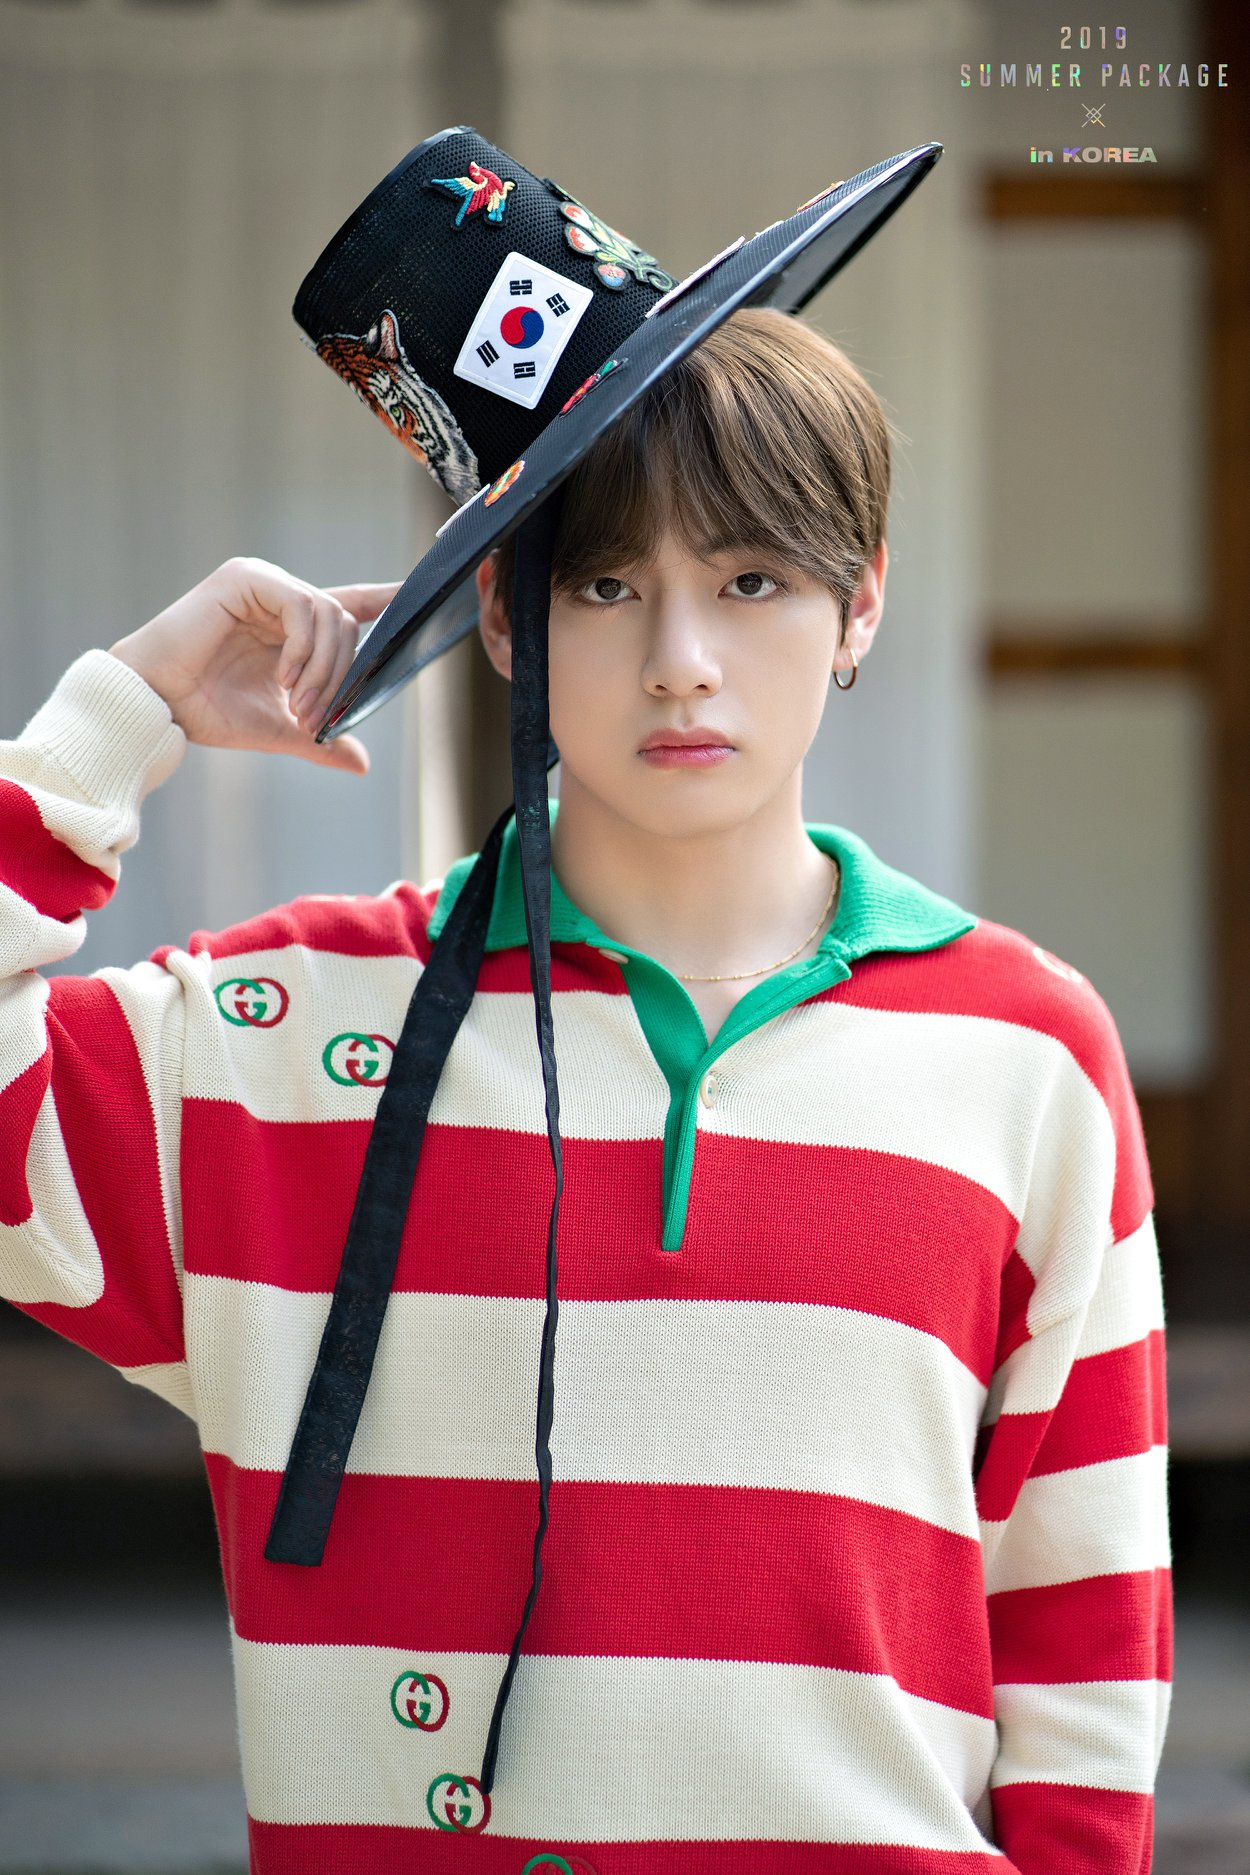 防彈少年團 BTS Summer Packages 2019 in Korea 最後的夏日寫真 分享 – 布娃娃的夢想世界